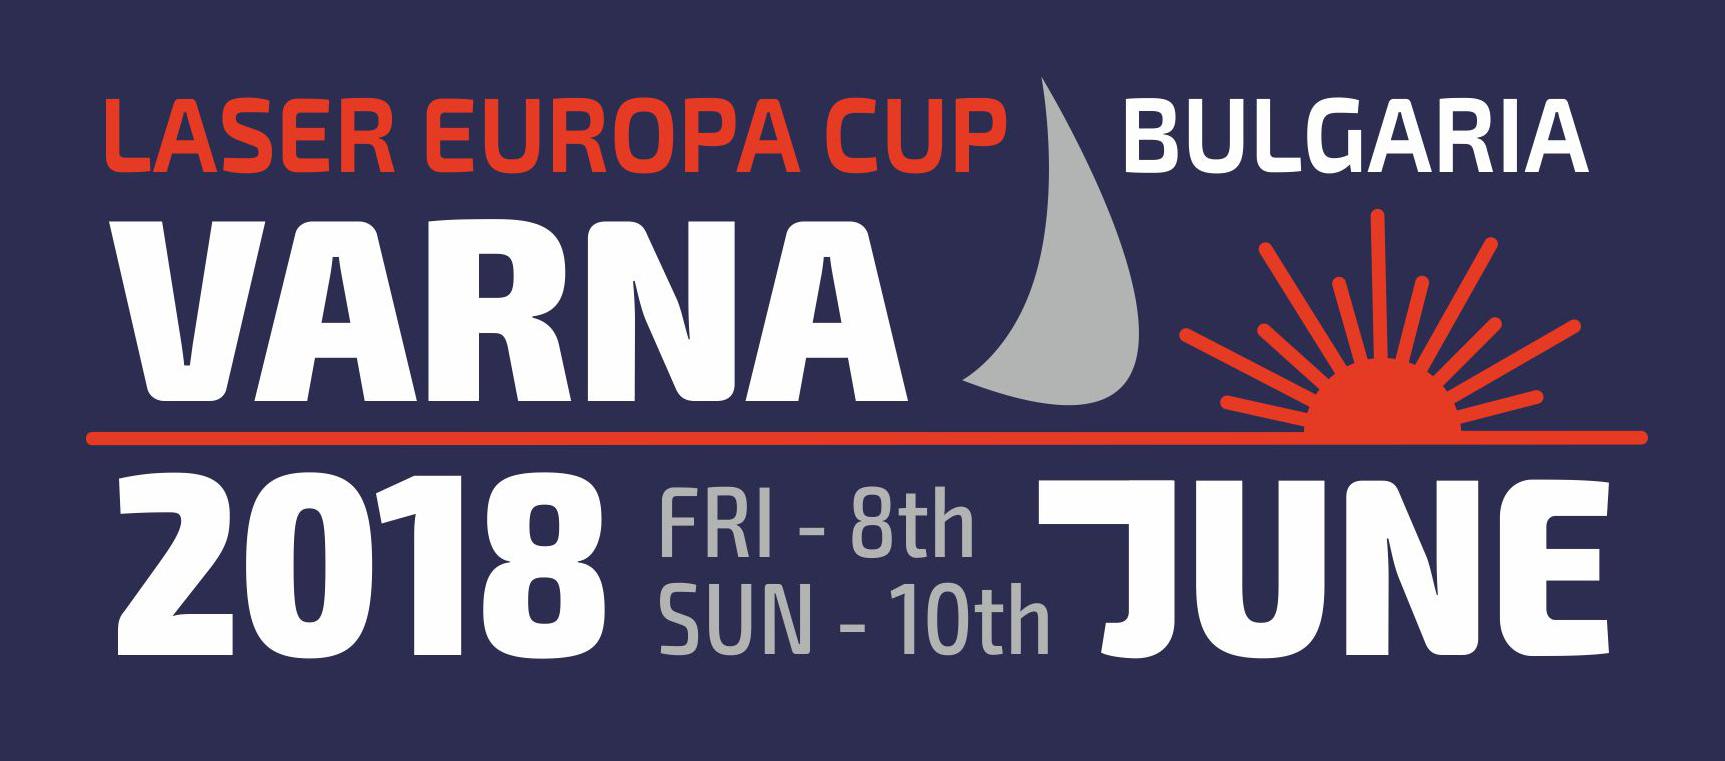 Europa Cup Bulgaria